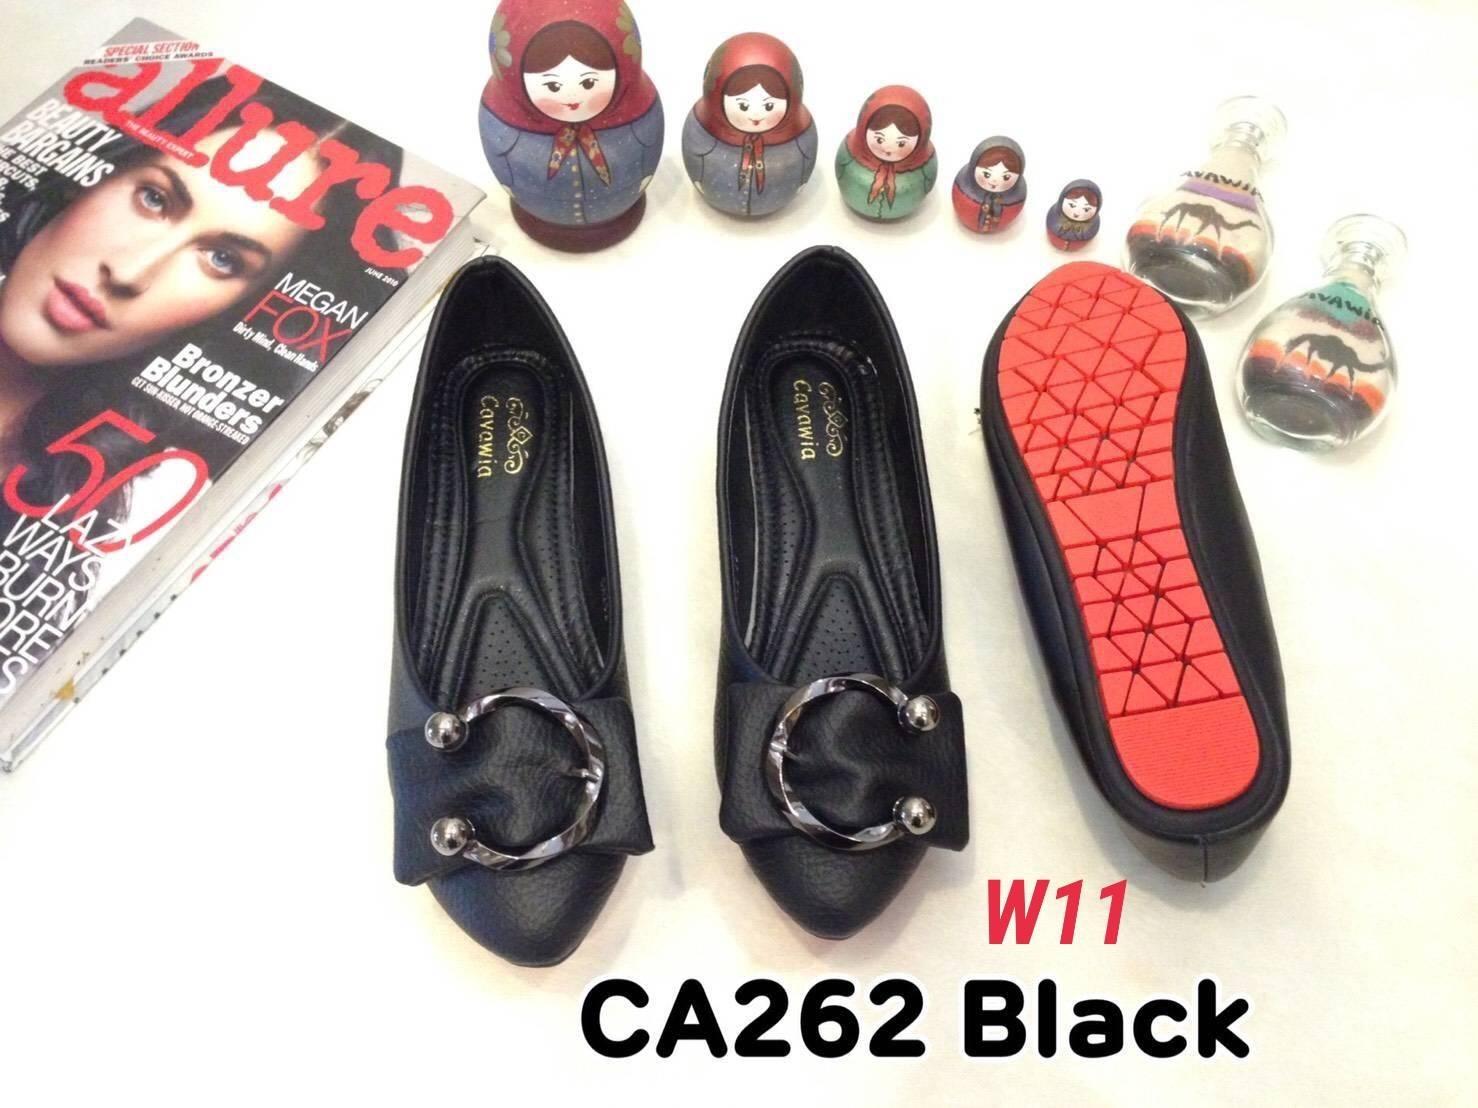 รองเท้าคัทชุ ส้นแบน แต่งอะไหล่เข็มขัดสวยเก๋ หนังนิ่ม ทรงสวย ใส่สบาย แมทสวยได้ทุกชุด (CA262)